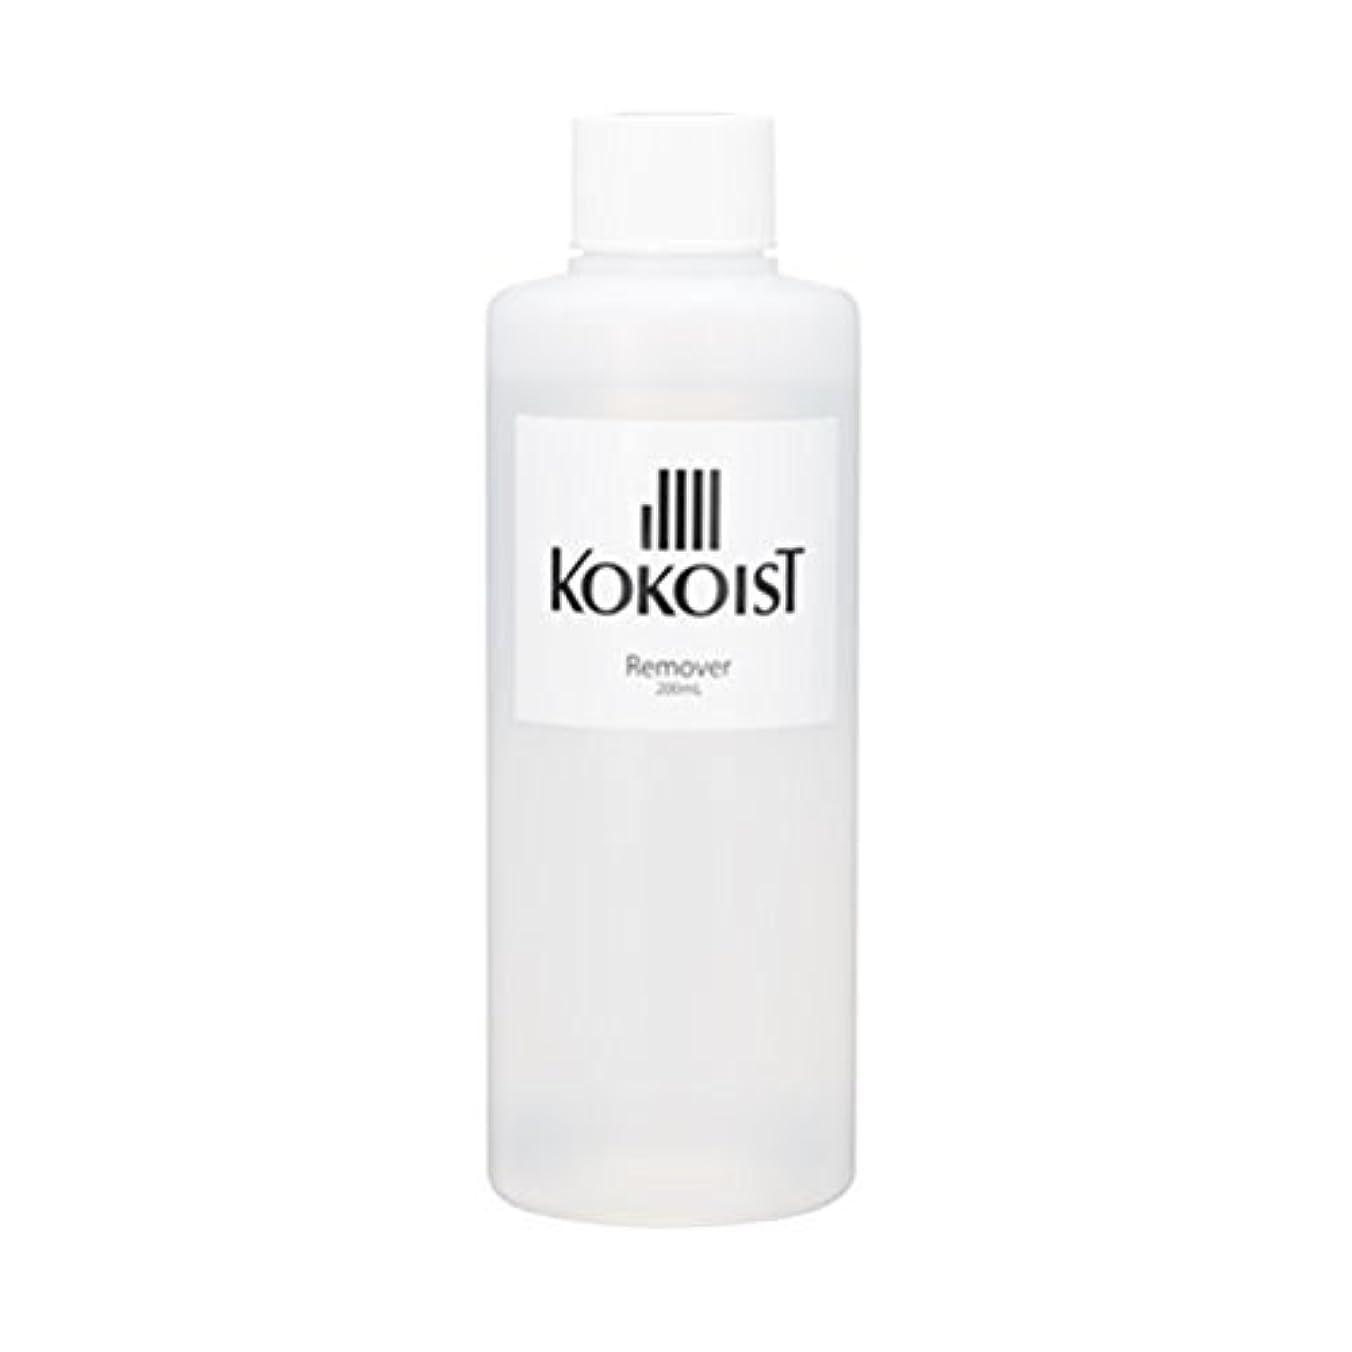 行列キャプチャー忠実なKOKOIST(ココイスト) リムーバー 200ml